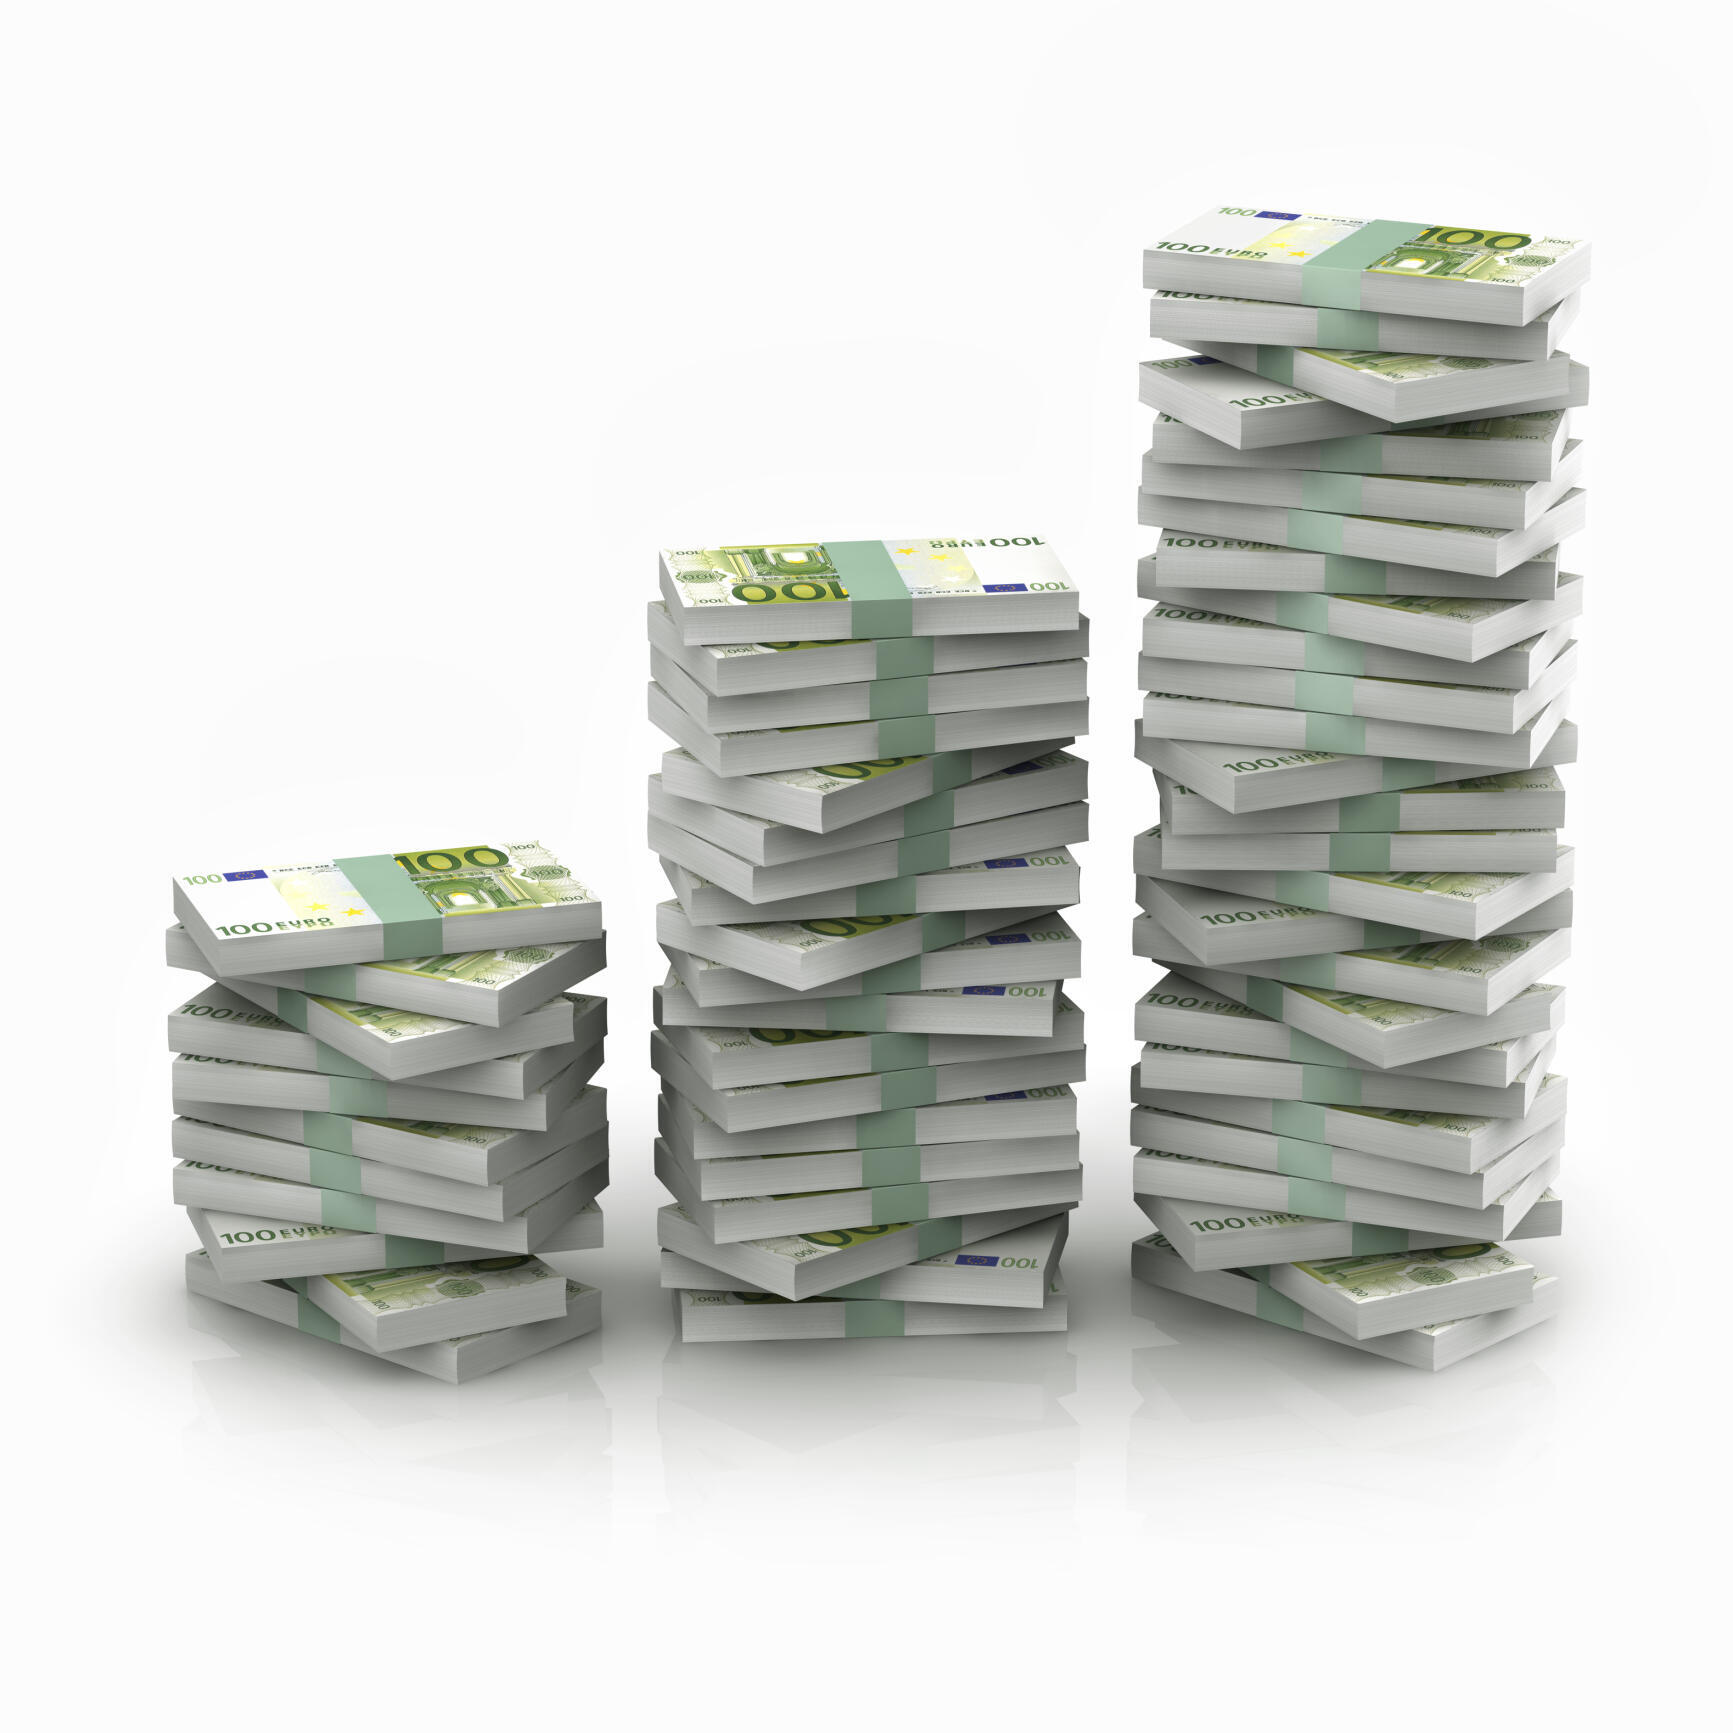 Plus l'entreprise est grande, moins elle paie d'impôt, révèle notamment l'étude du groupe des Verts au Parlement européen.